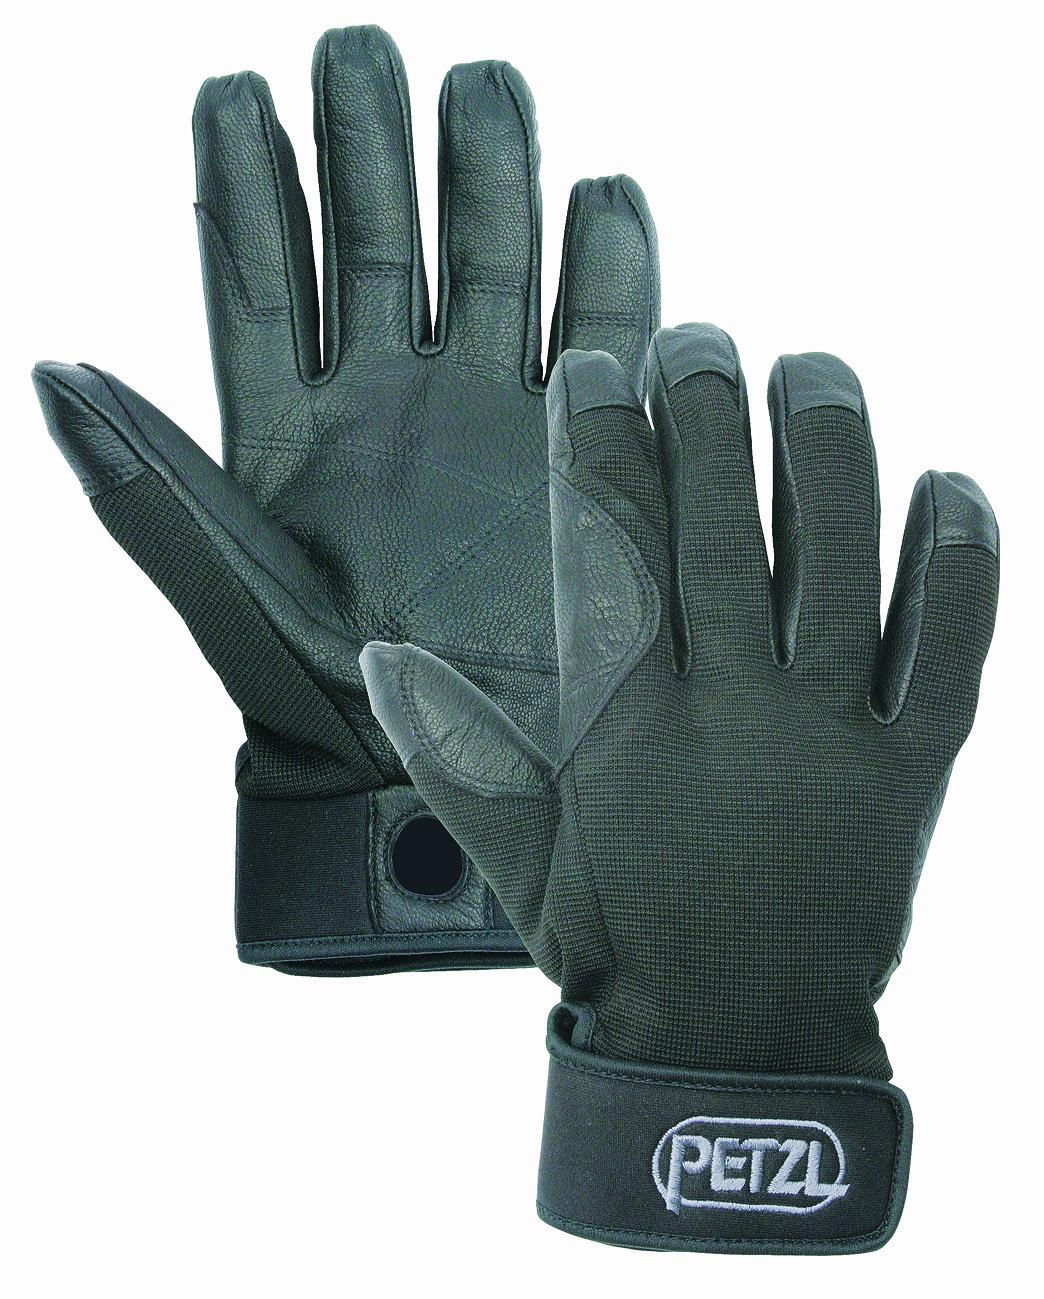 Petzl Lightweight belay/Rappel gloves